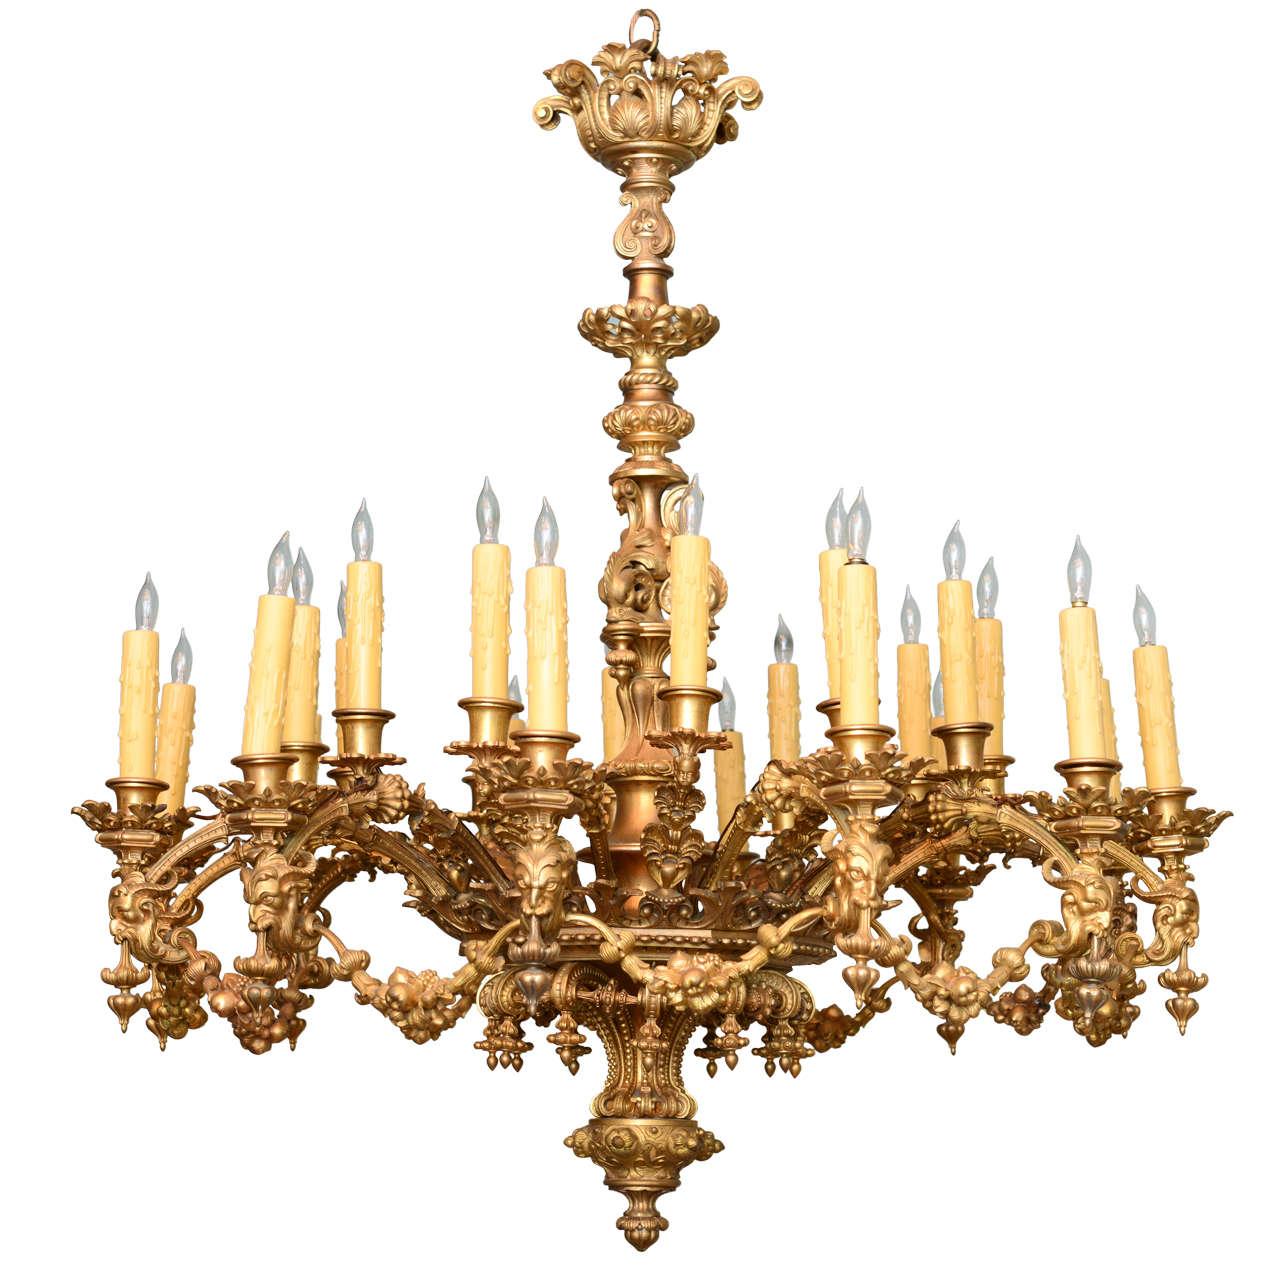 Magnificent Napoleon III Gilt Bronze Chandelier For Sale at 1stdibs – Bronze Chandeliers